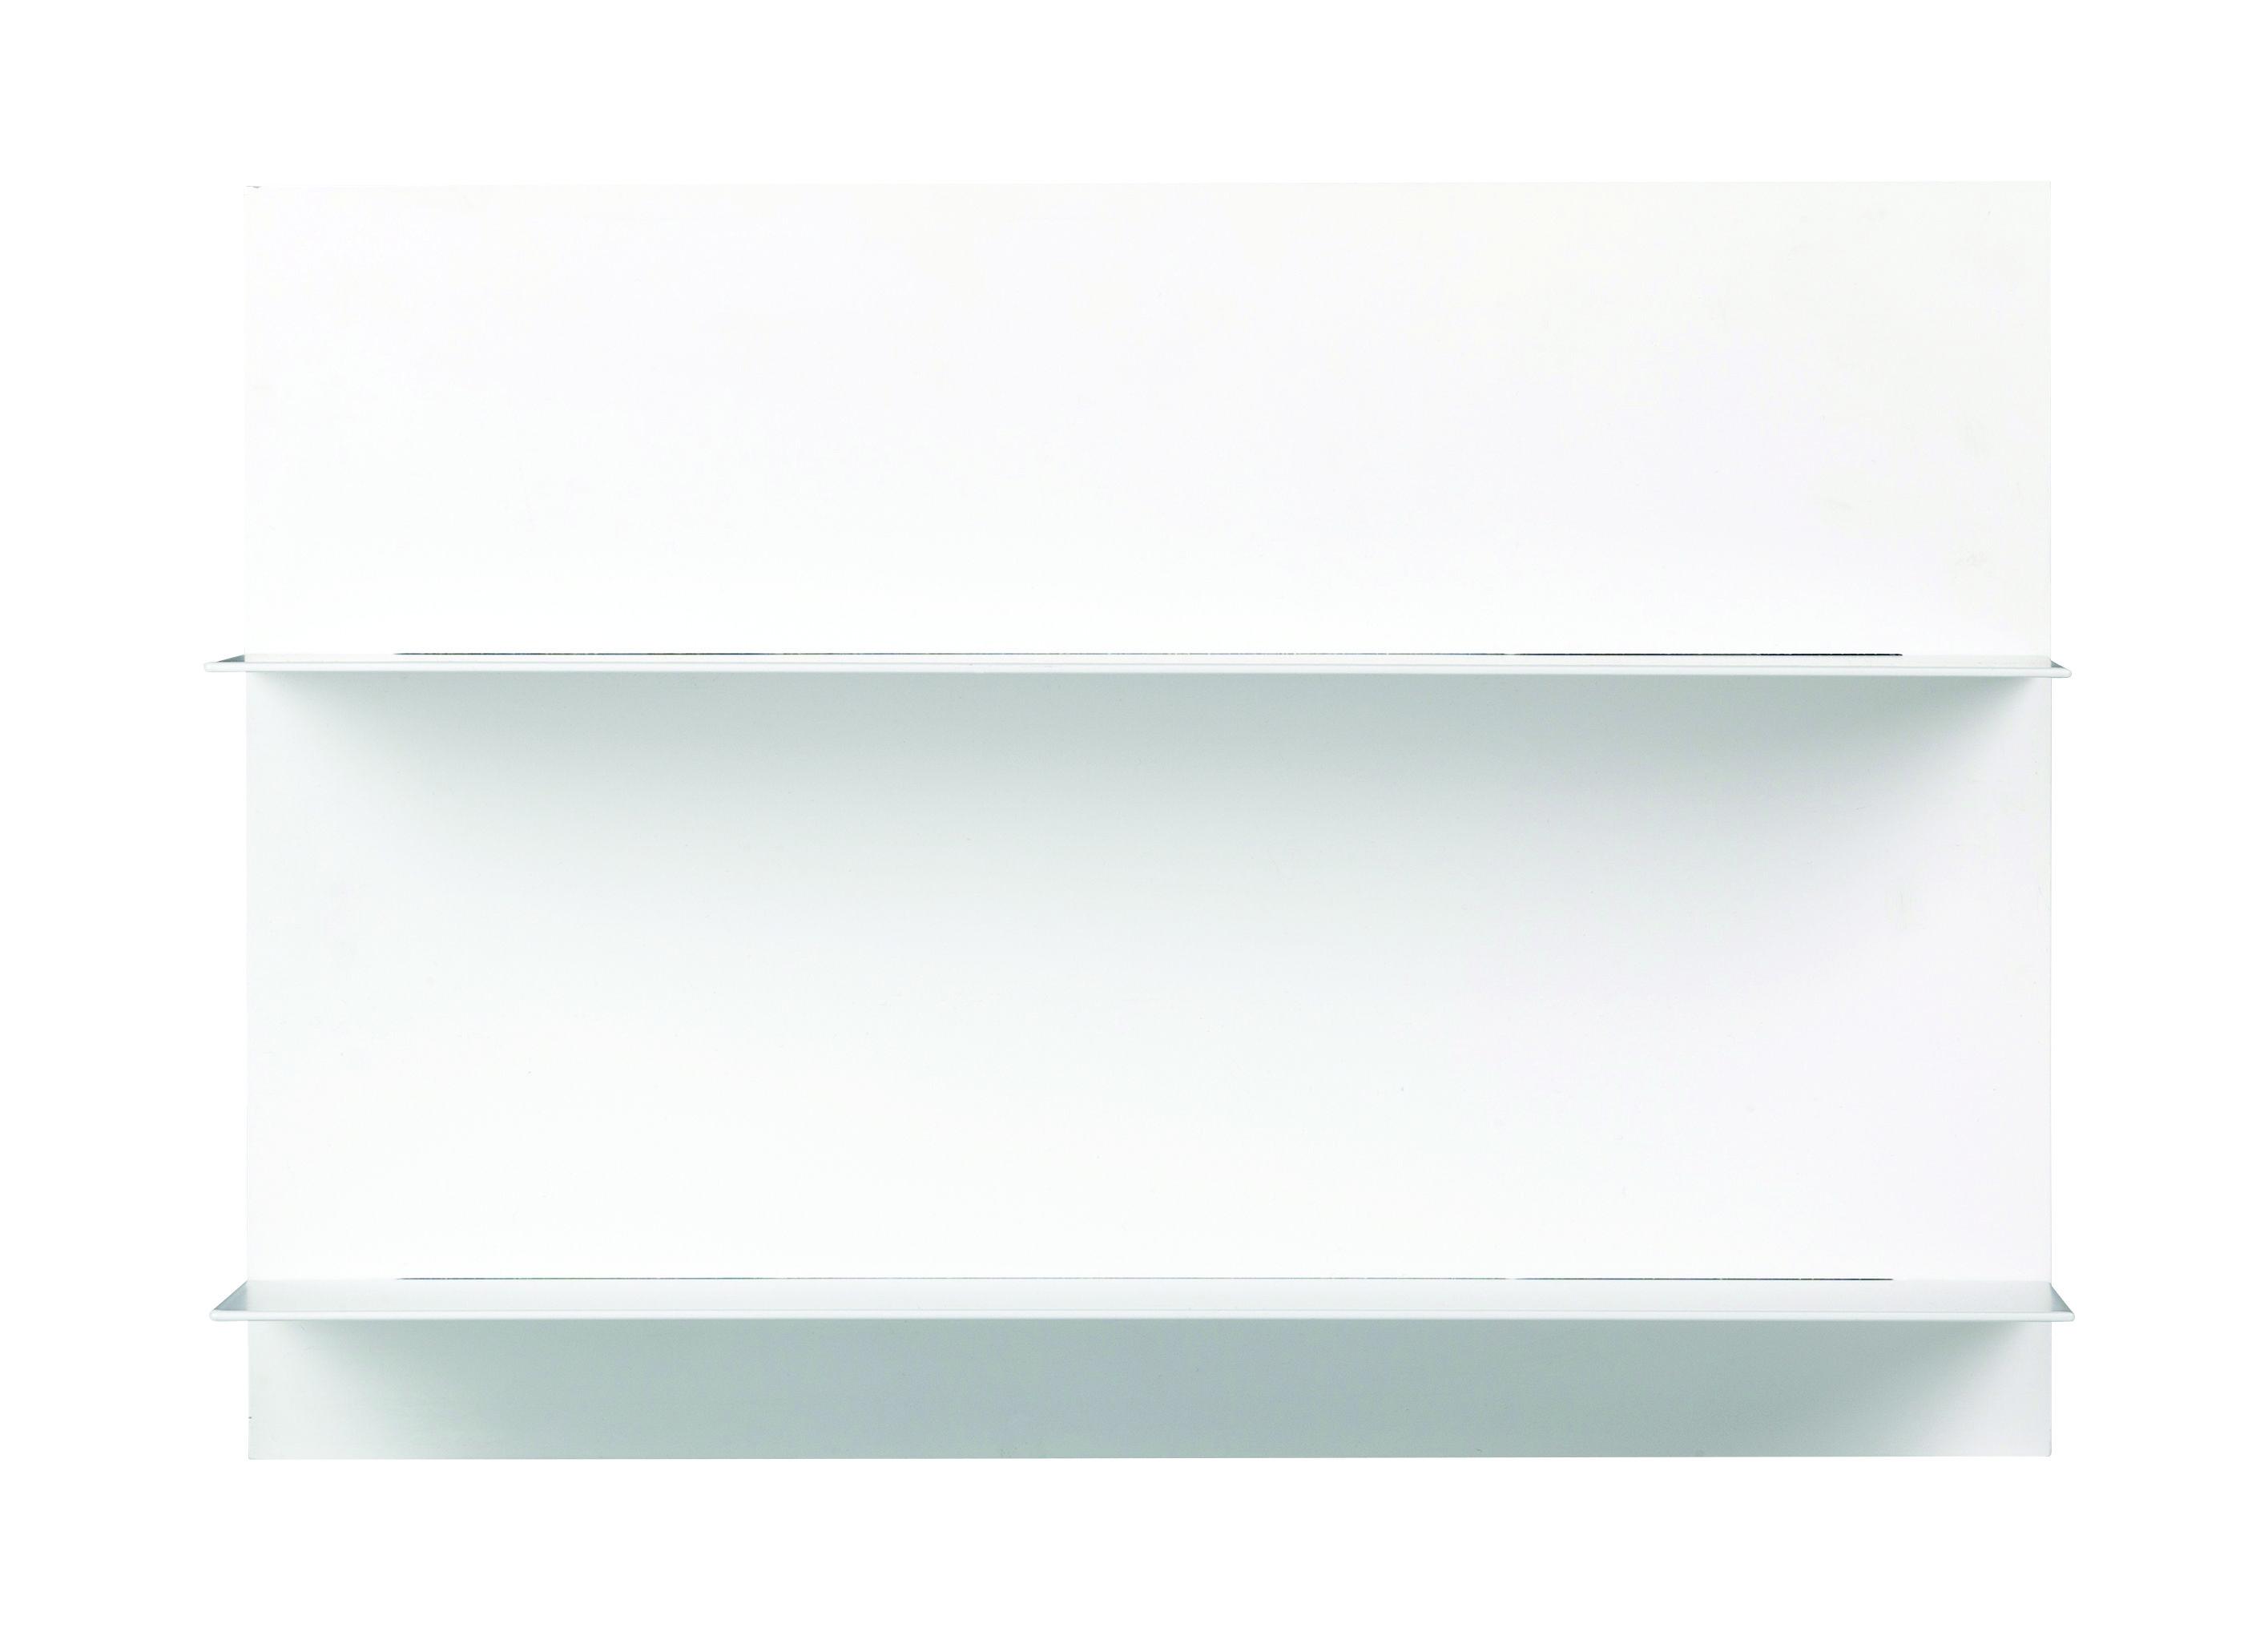 Mobilier - Etagères & bibliothèques - Etagère murale Paper / L 42 x H 29 cm - Design Letters - Blanc - Acier, MDF